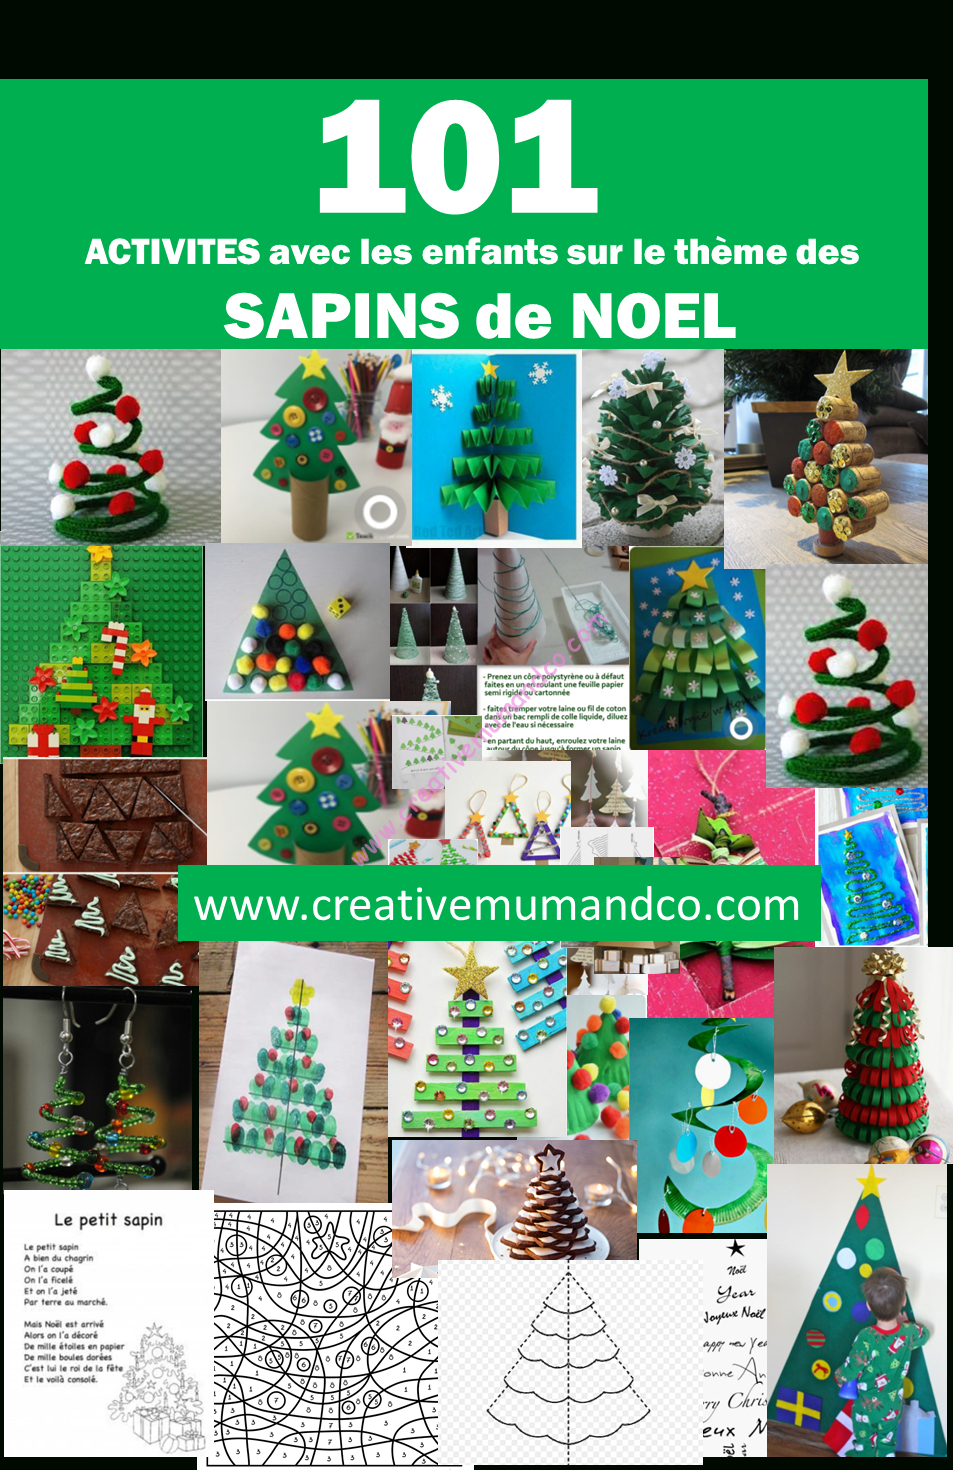 101 Idées D'activités Sur Le Thème Des Sapins ! - concernant Activités Manuelles Enfants Noel